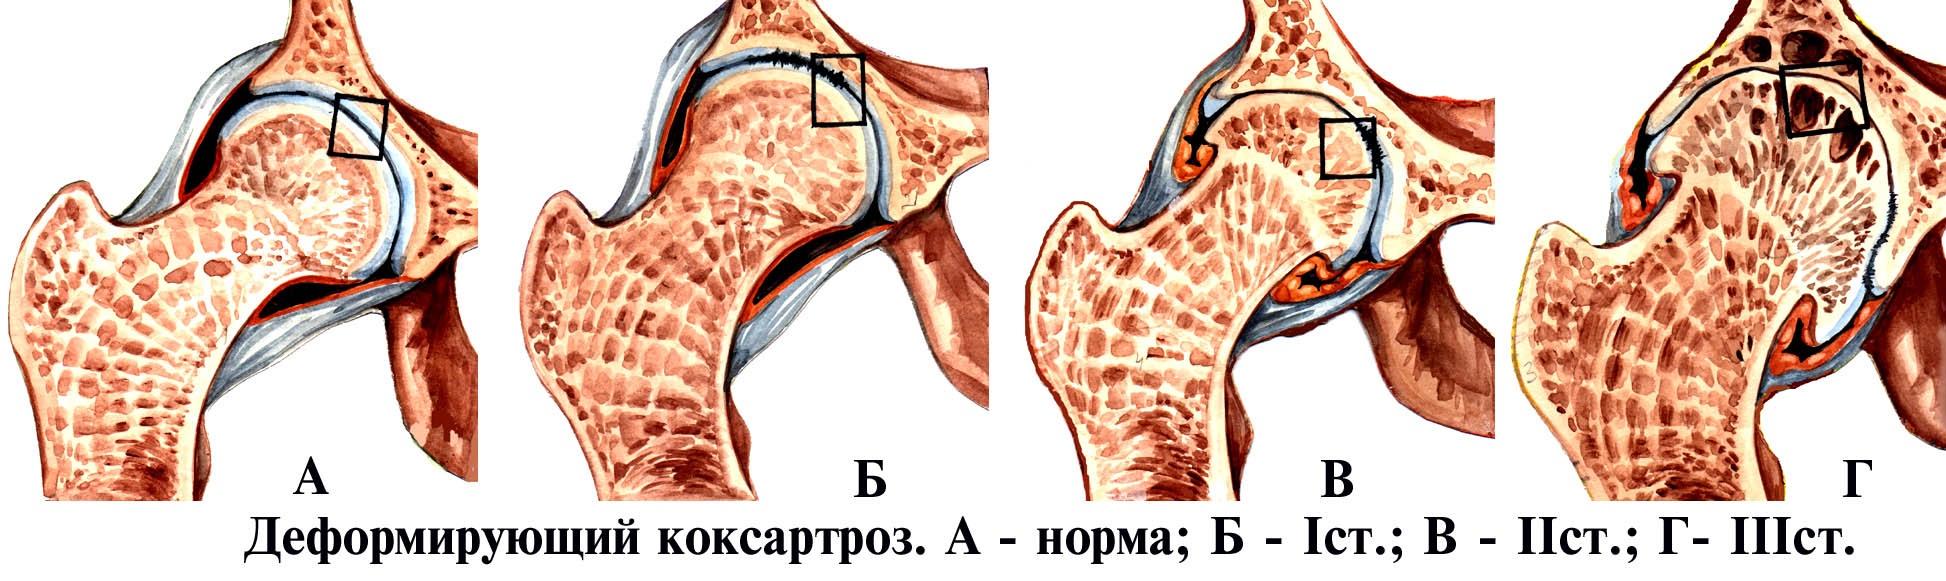 Коксартроз тазовых сочленений имеет несколько степеней развития